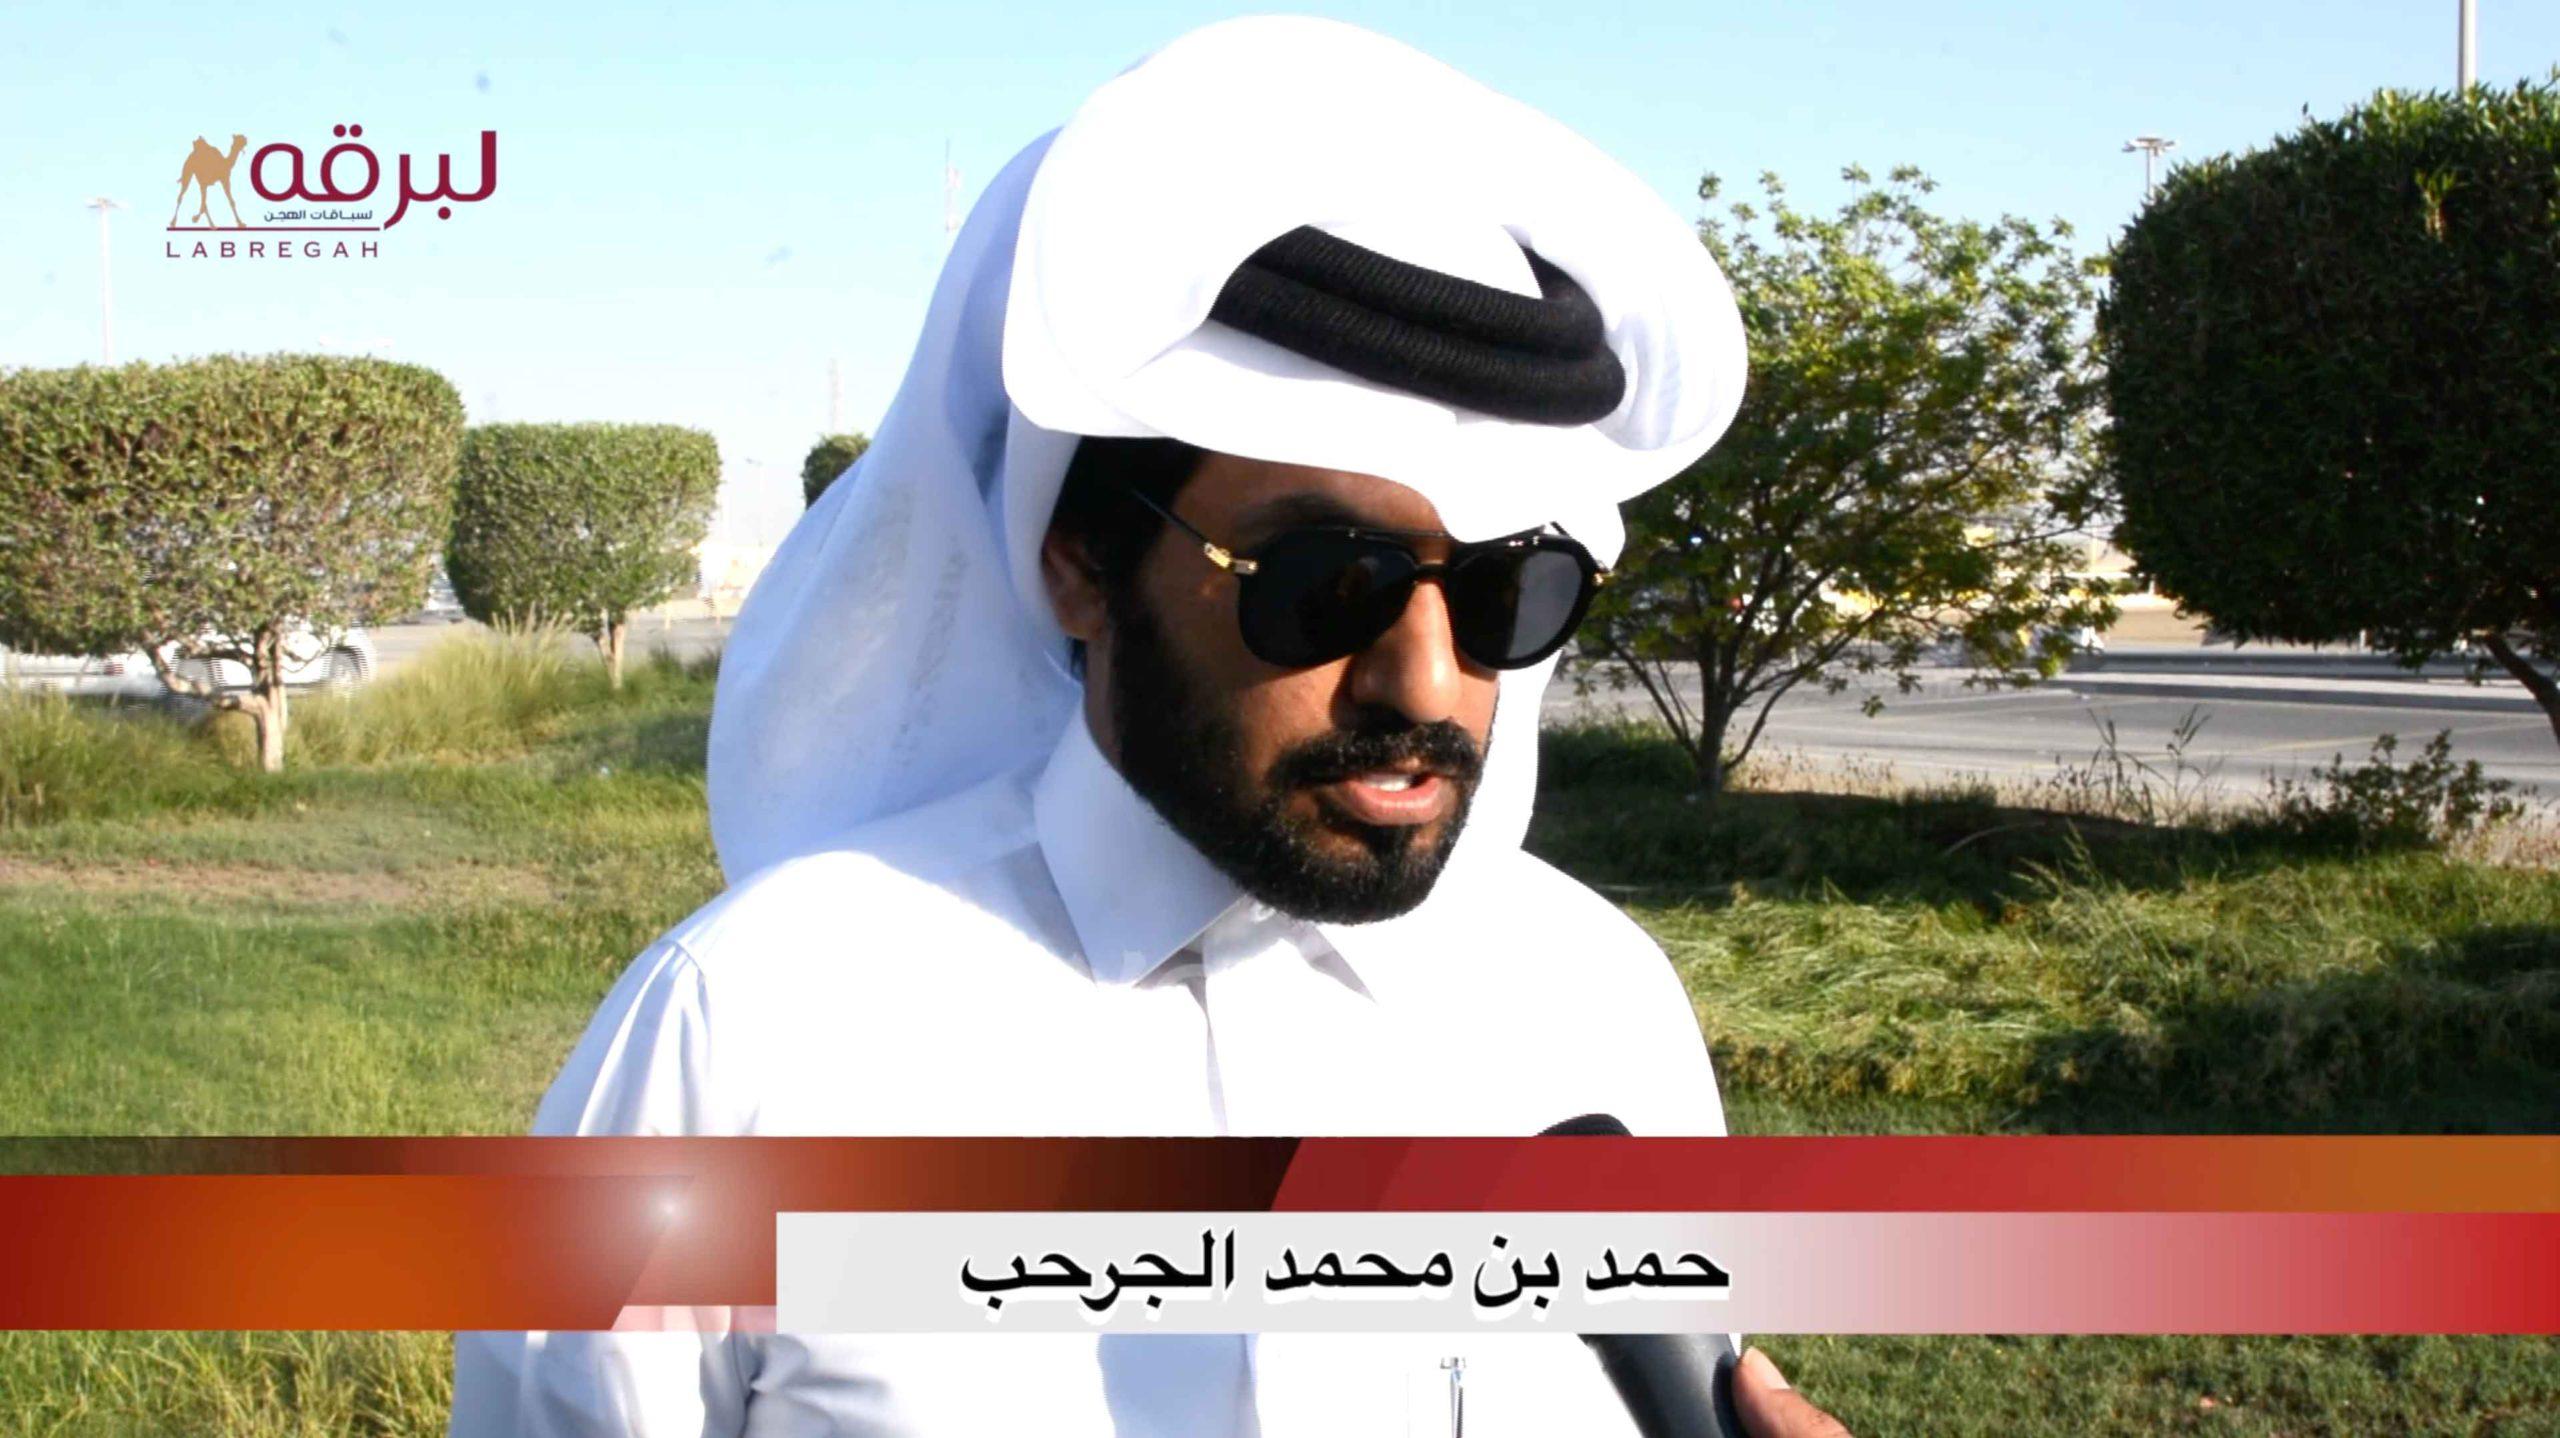 لقاء مع حمد بن محمد الجرحب.. الشوط الرئيسي للحيل مفتوح الأشواط العامة  ١٧-١٠-٢٠٢٠